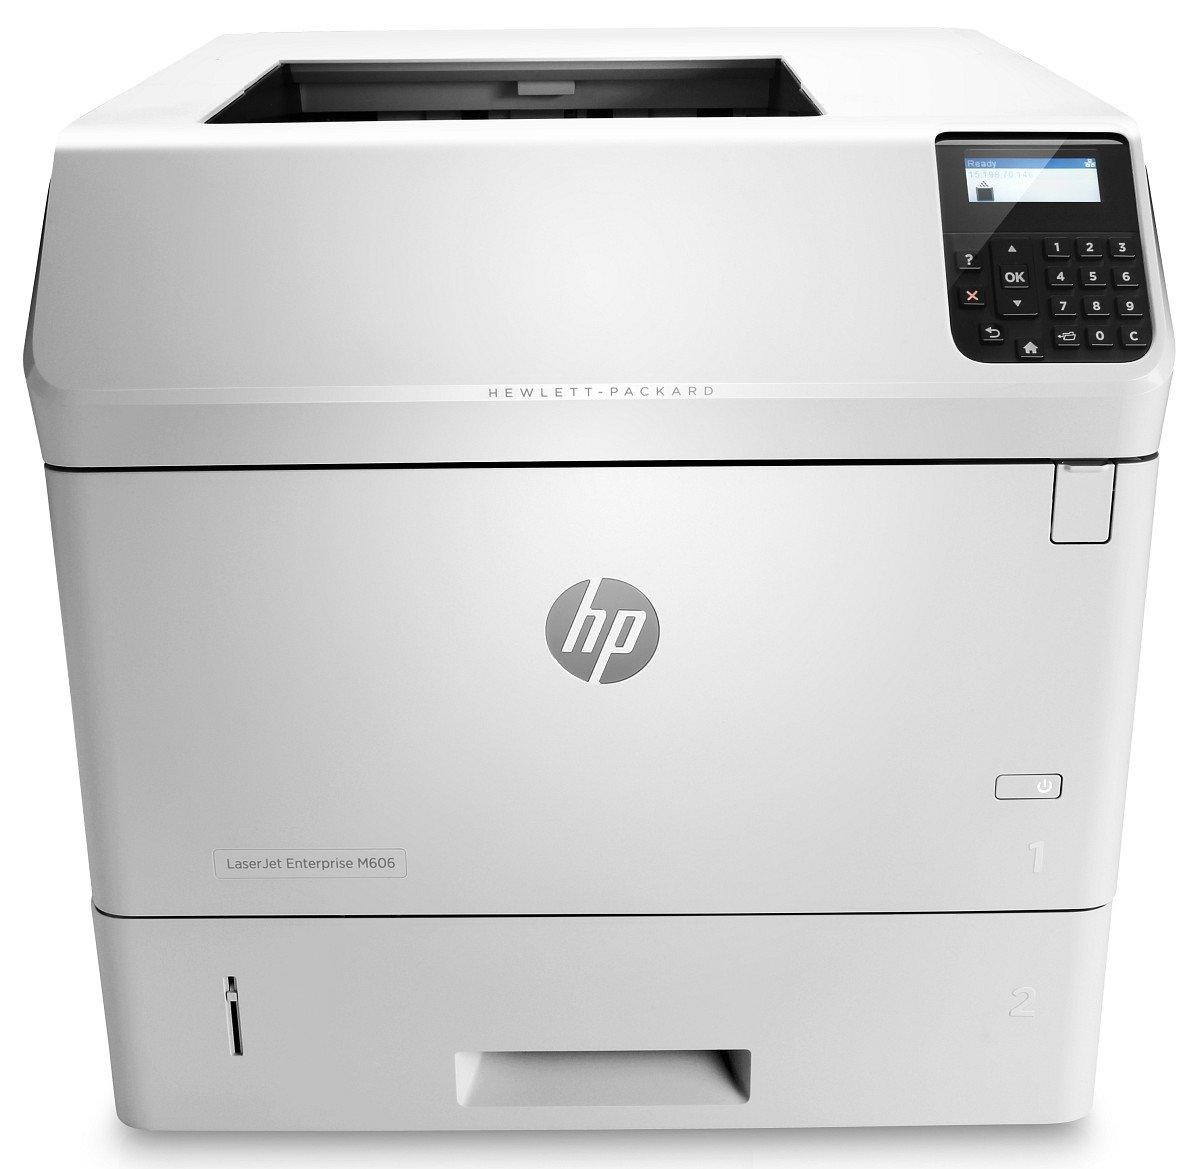 HP Monochrome LaserJet Enterprise M606dn Printer w/ HP FutureSmart Firmware, (E6B72A)